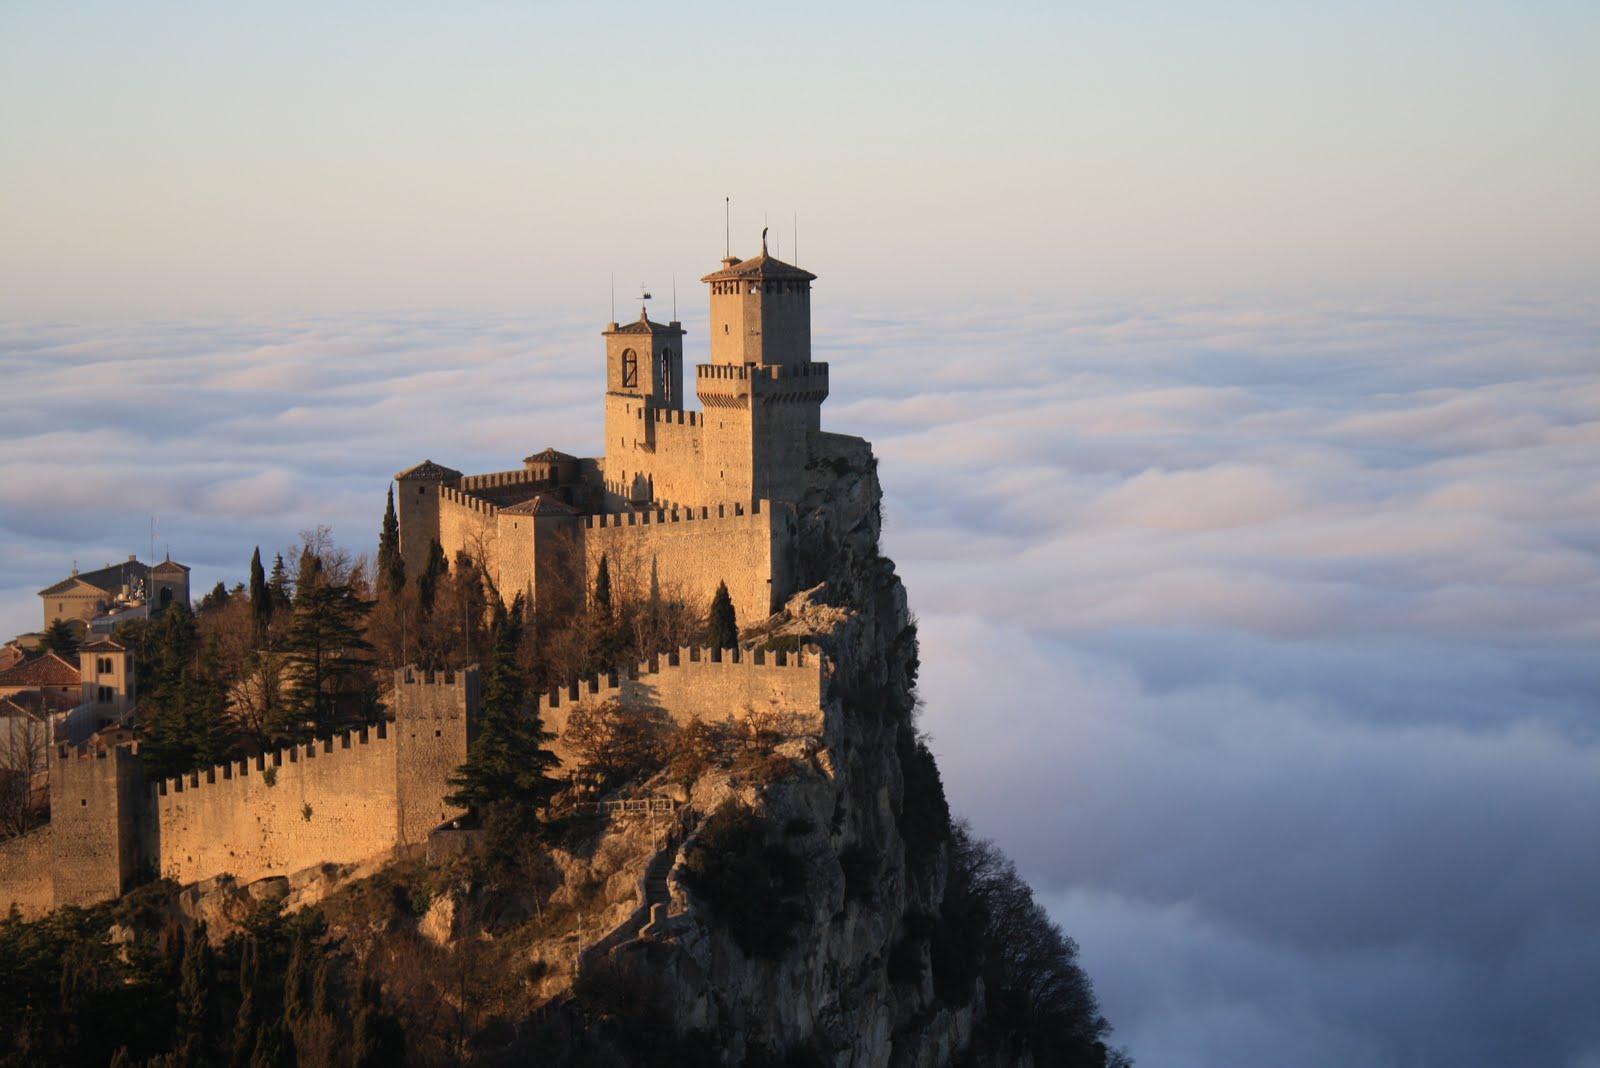 """A SAN MARINO FREE ARTS & WORKS IN PROGRES GALLERY PRESENTANO LA MOSTRA """"VENUS IN ART"""" DAL 24 OTTOBRE AL 2 NOVEMBRE 2014 Articolo di Rosetta Savelli"""